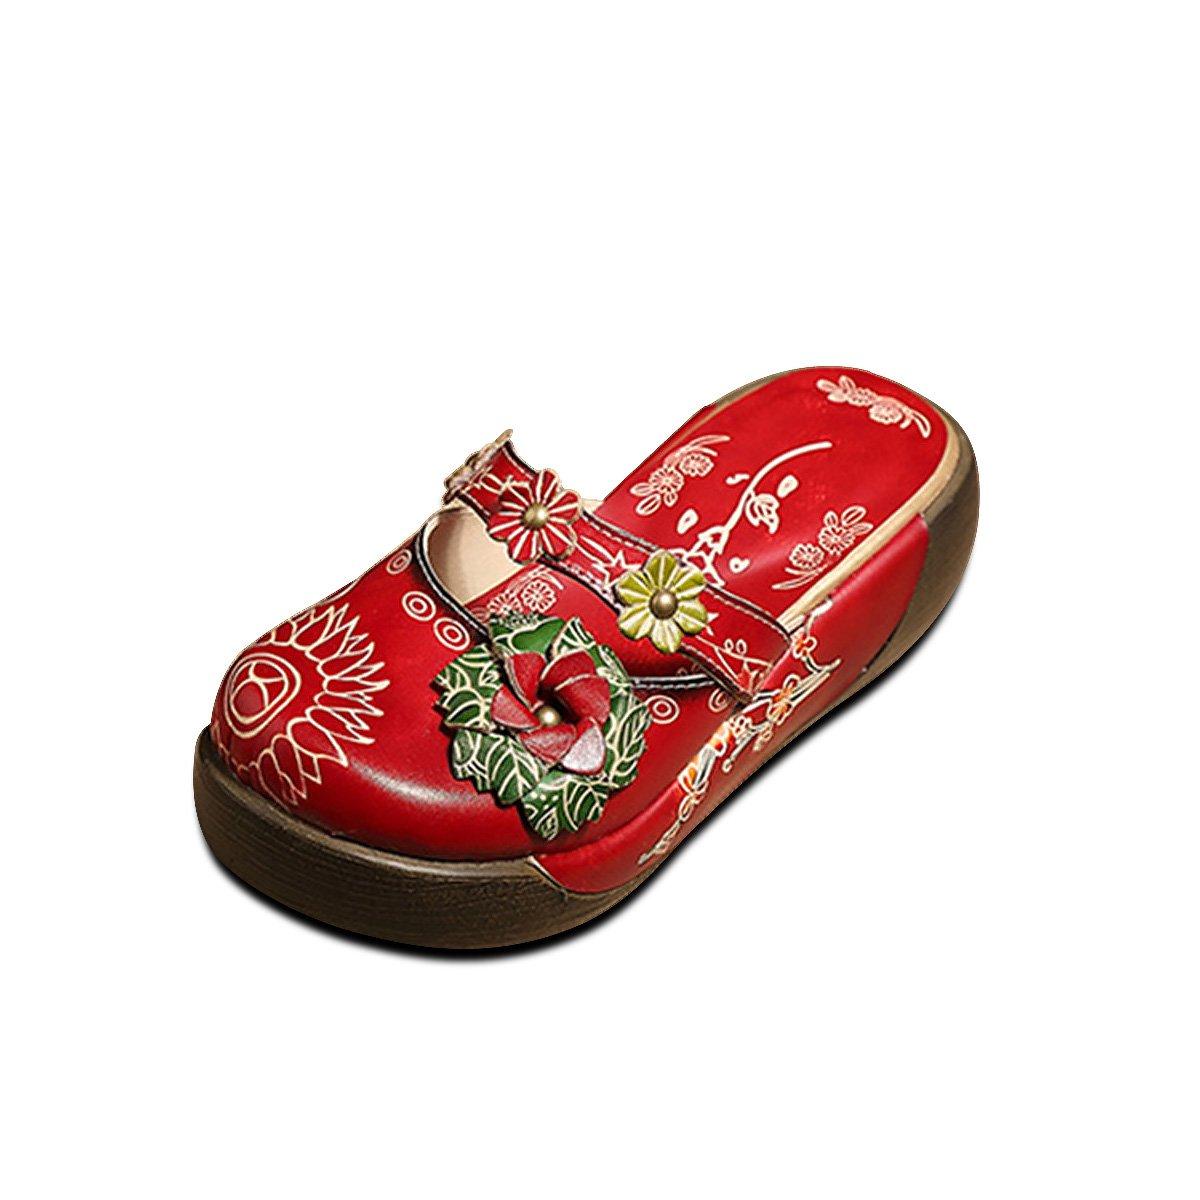 Socofy Zapatilla de Cuero para Mujer Mocasines de Mujer Sandalias Planas Zapatilla de Verano Oxford Zapatillas de Verano Vintage Zapatilla de Deporte de Colores Sin Respaldo 37 EU|Rojo